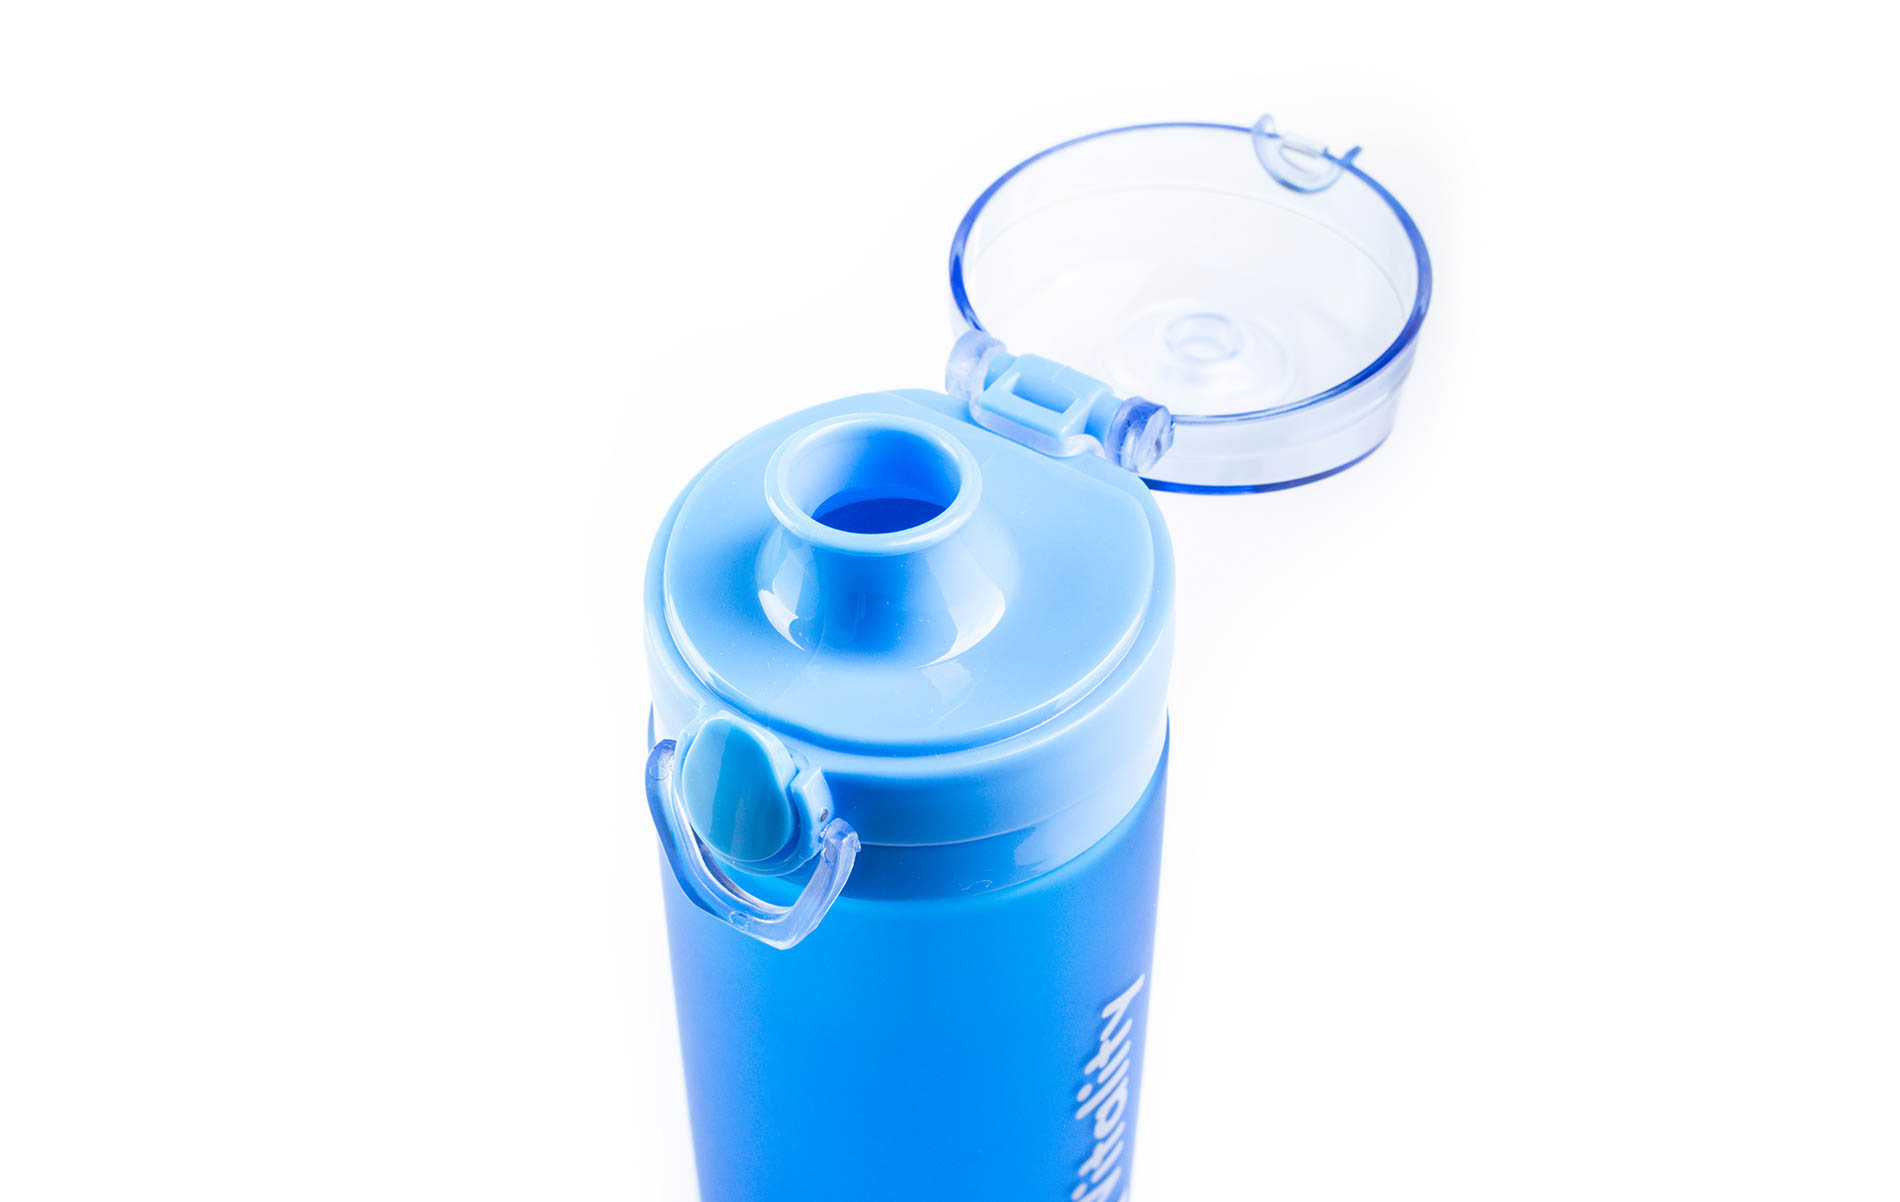 Modrá láhev G21 na smoothie/juice v mrazivém designu má i pojistku